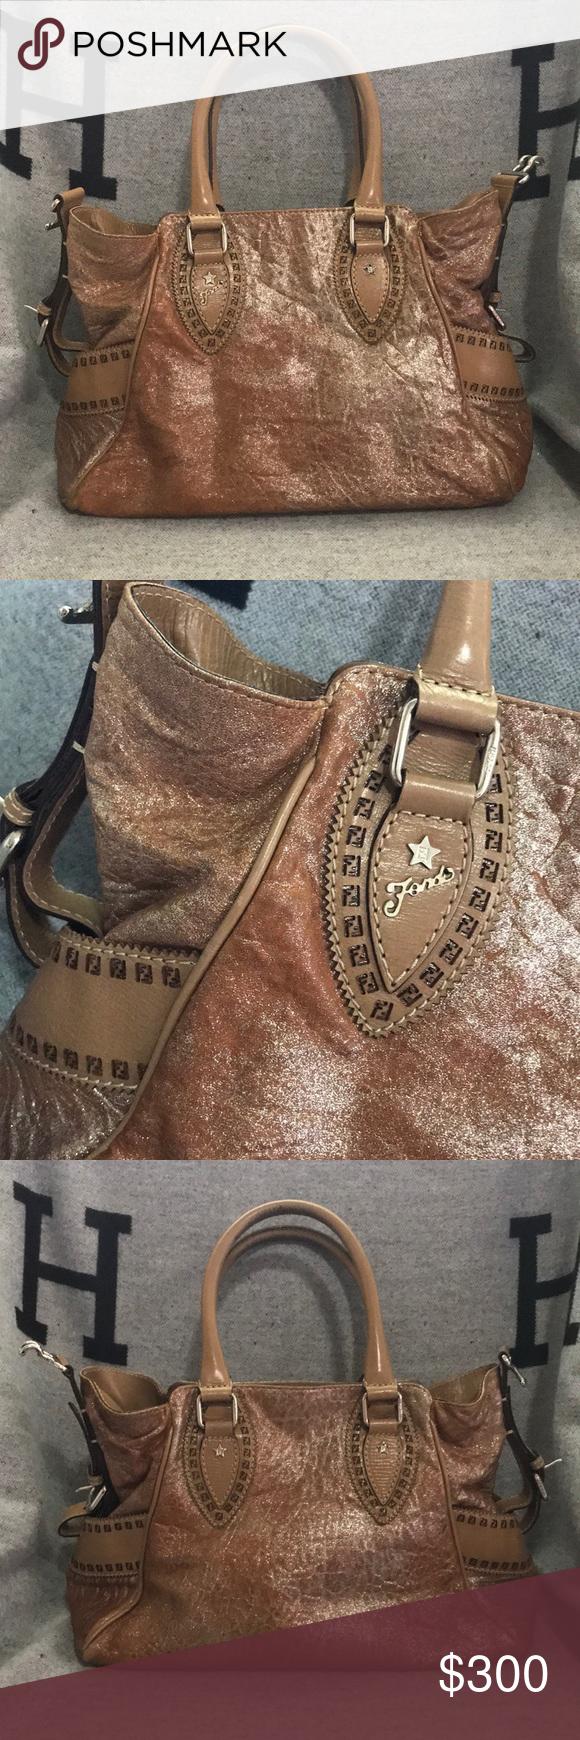 FENDI Silver shimmer Du Jour bag Gorgeous gorgeous Satchel in good used  condition. Fendi Bags Satchels 88e56d5ced